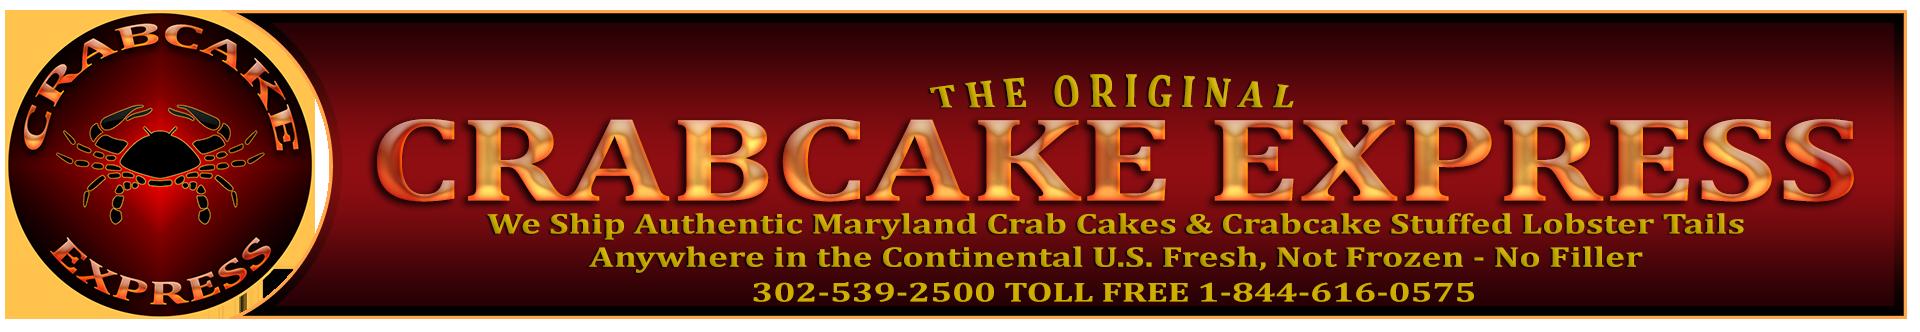 Crabcake Express